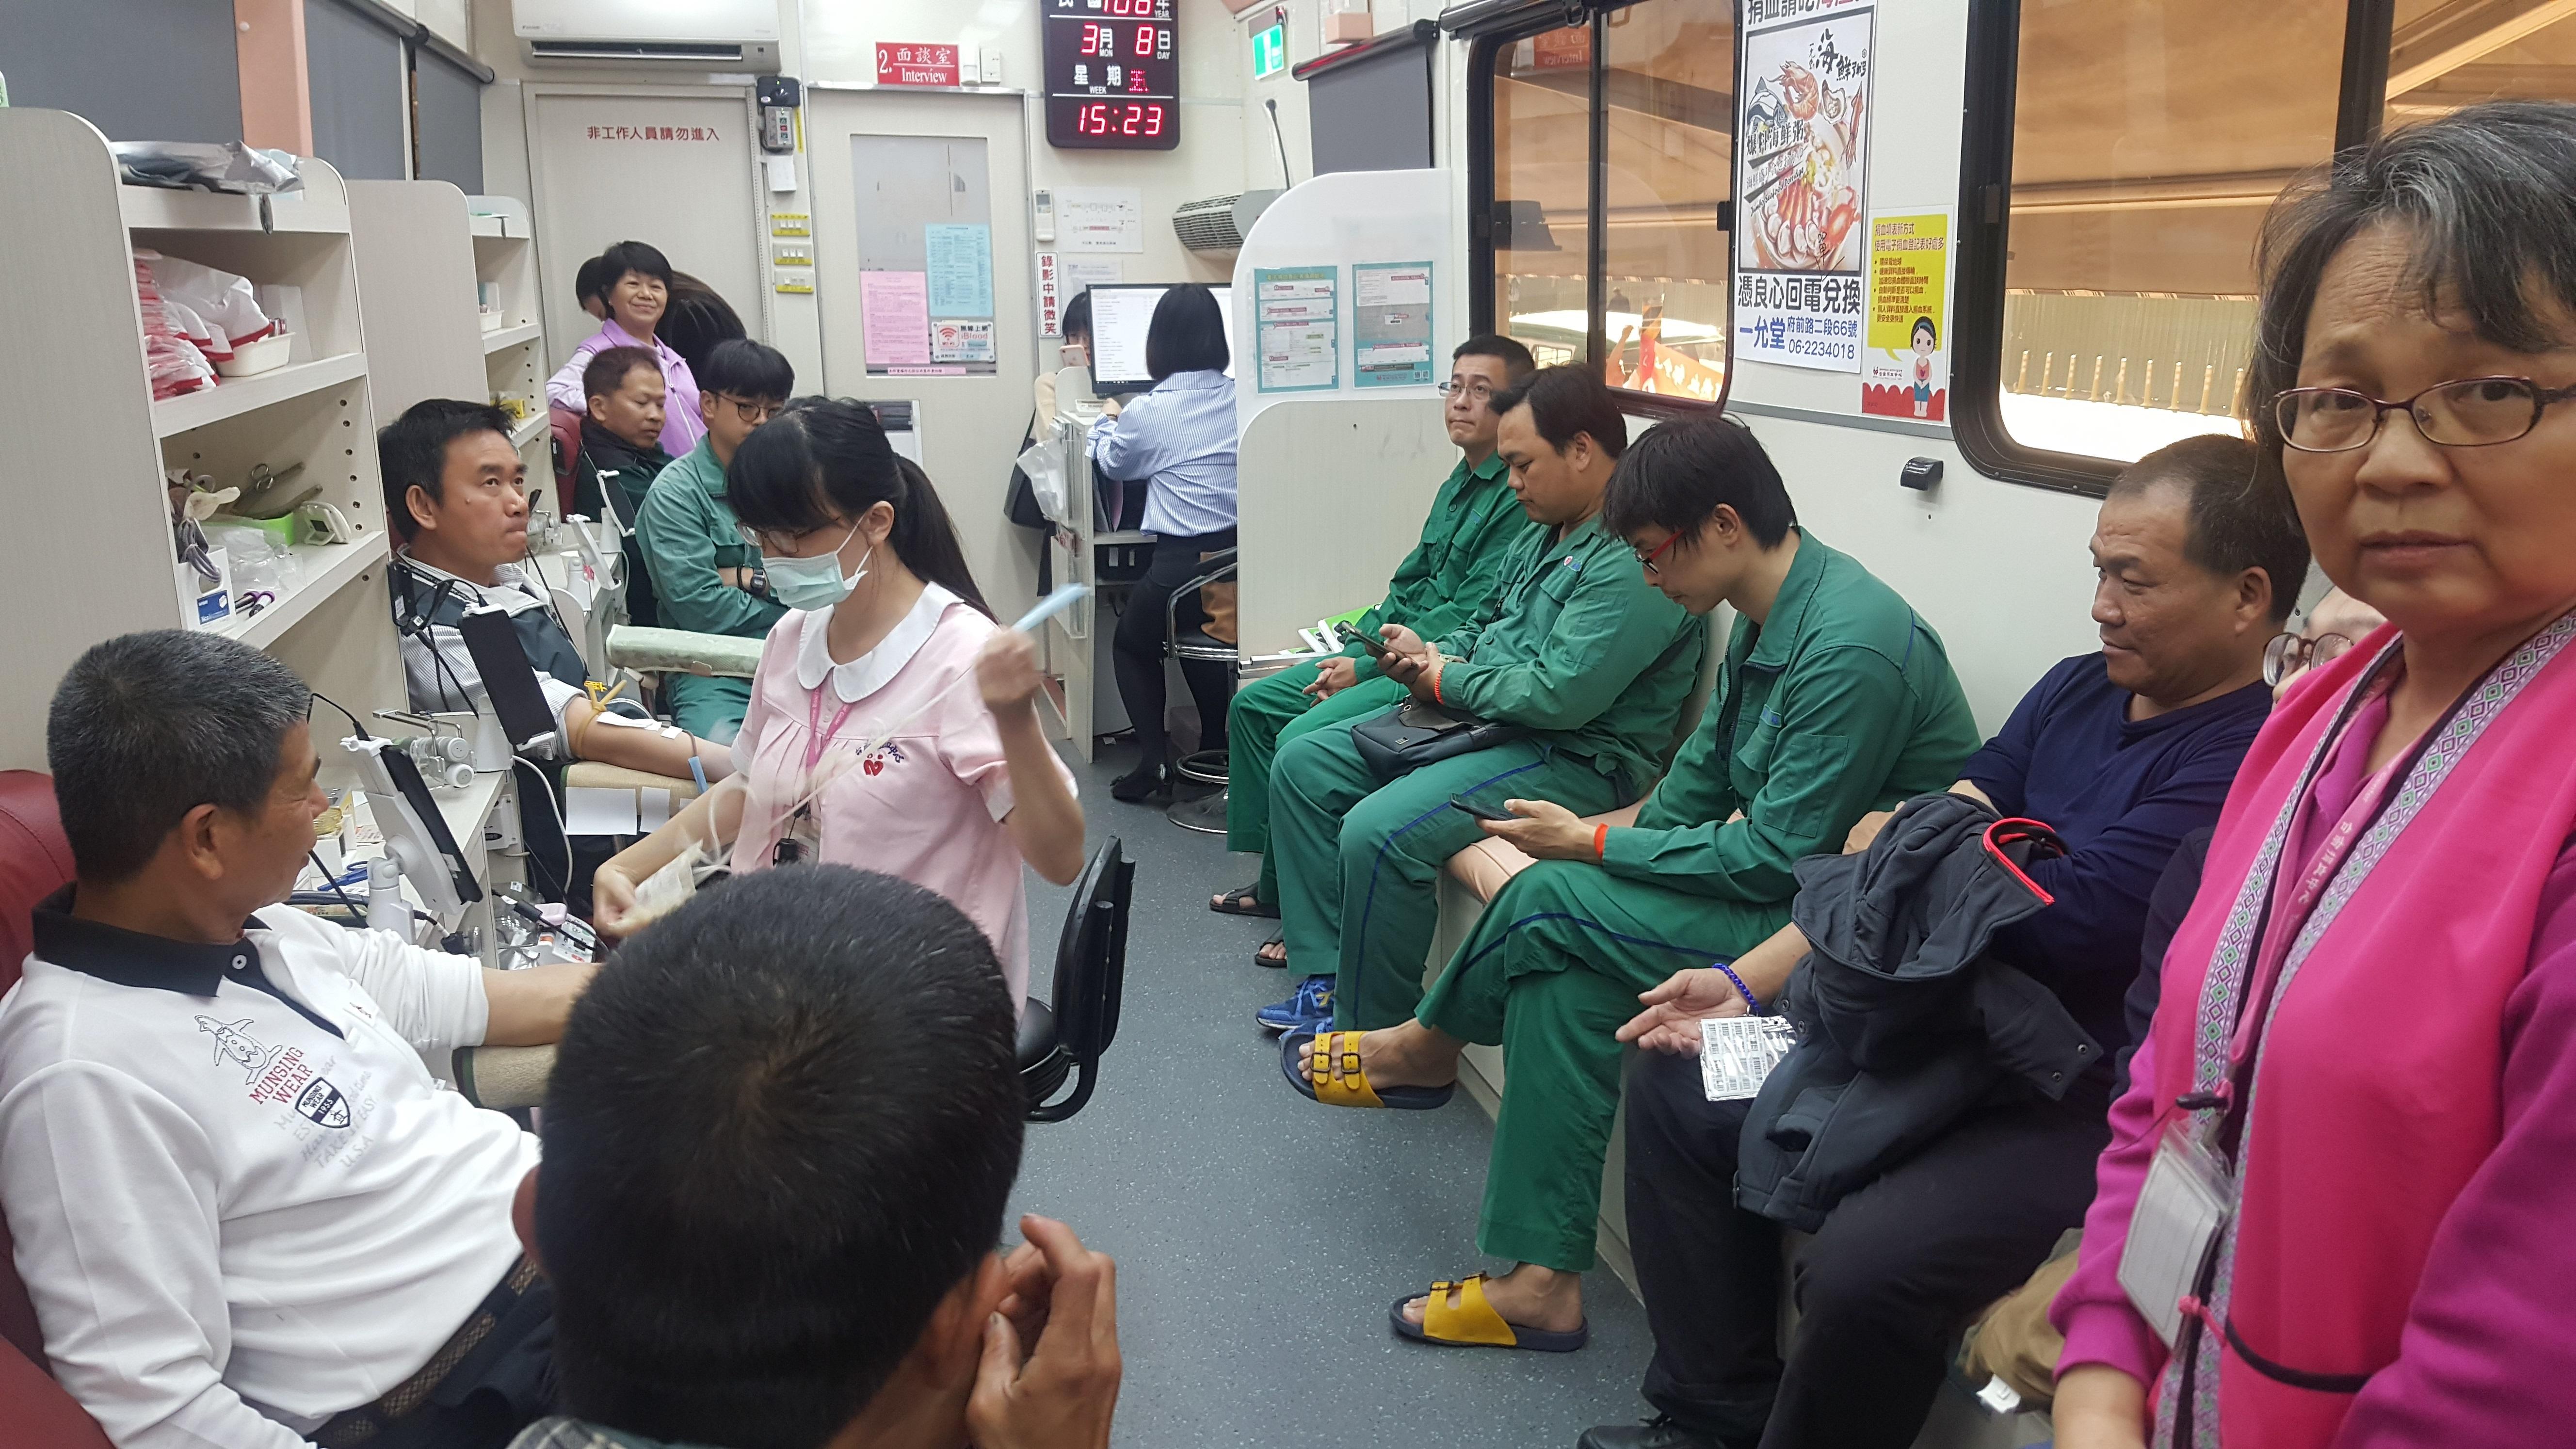 臺南郵局辦理108年【捐熱血 郵愛心】活動